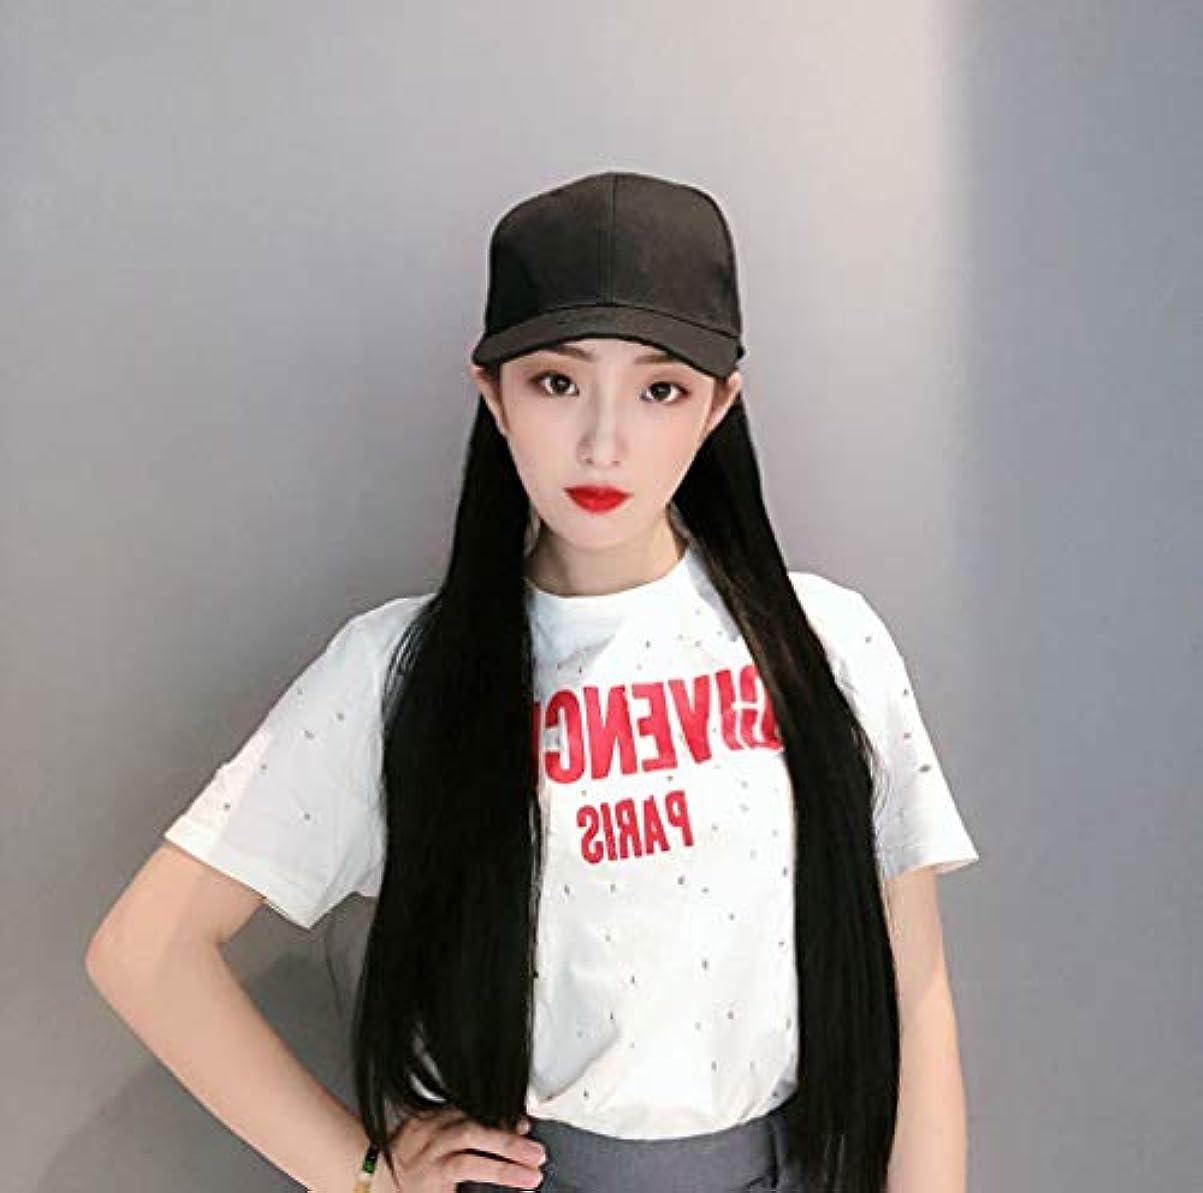 パブ判定バケット女性用ウィッグストレート合成ロングウィッグ野球帽野球キャップ合成ヘアエクステンション付きロングヘアウィッグ帽子60cm